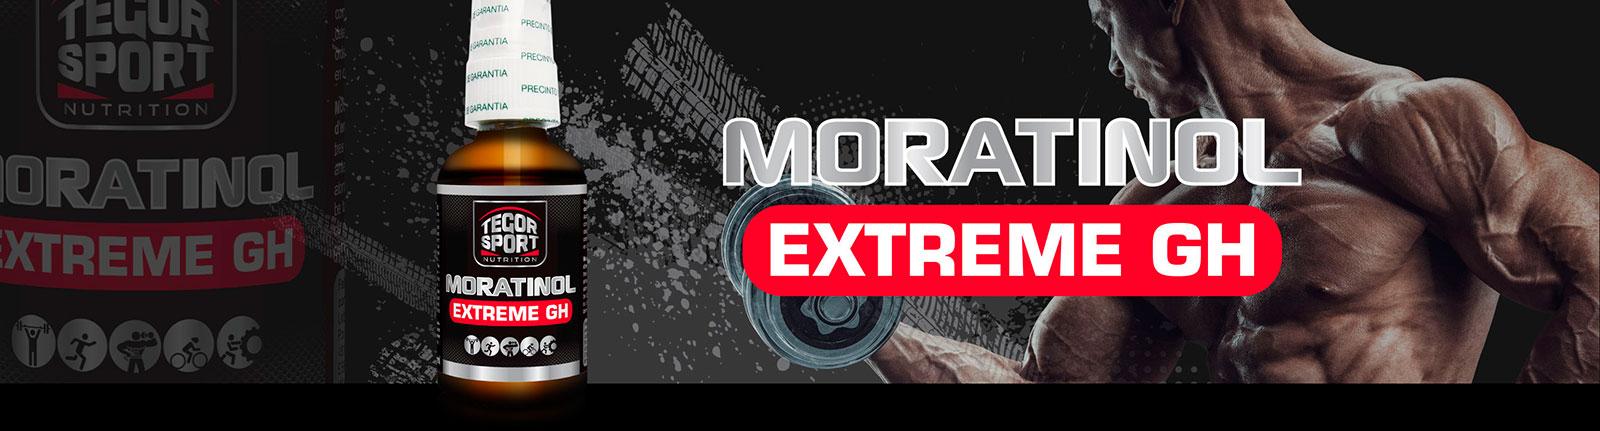 Botella Moratinol Extreme GH con imagen culturista